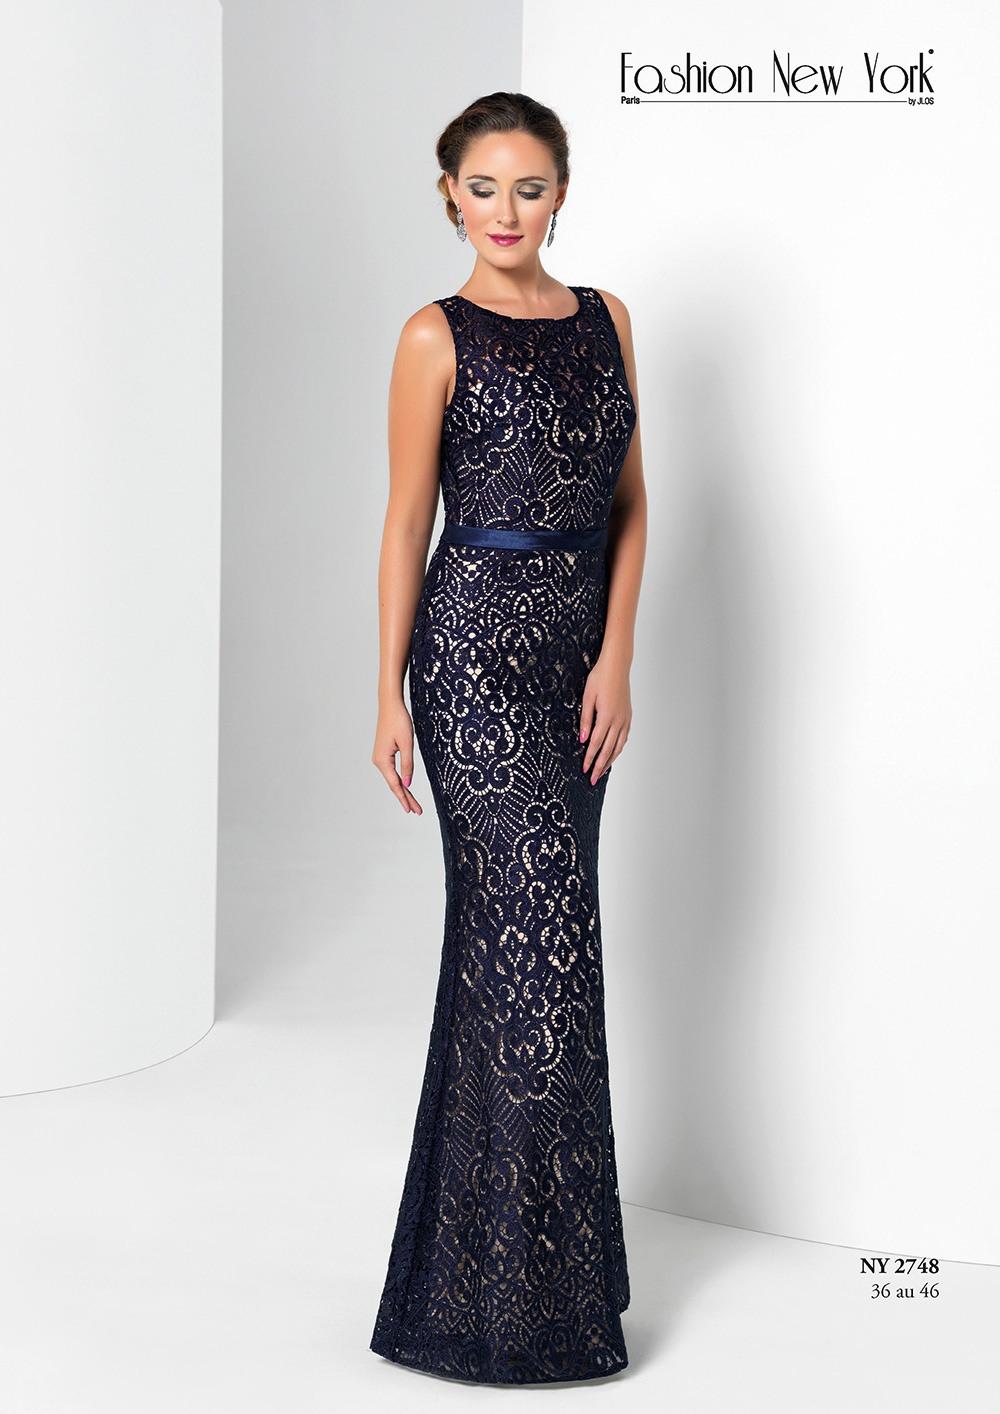 15 Genial Kleider Abendmode Stylish20 Schön Kleider Abendmode Design